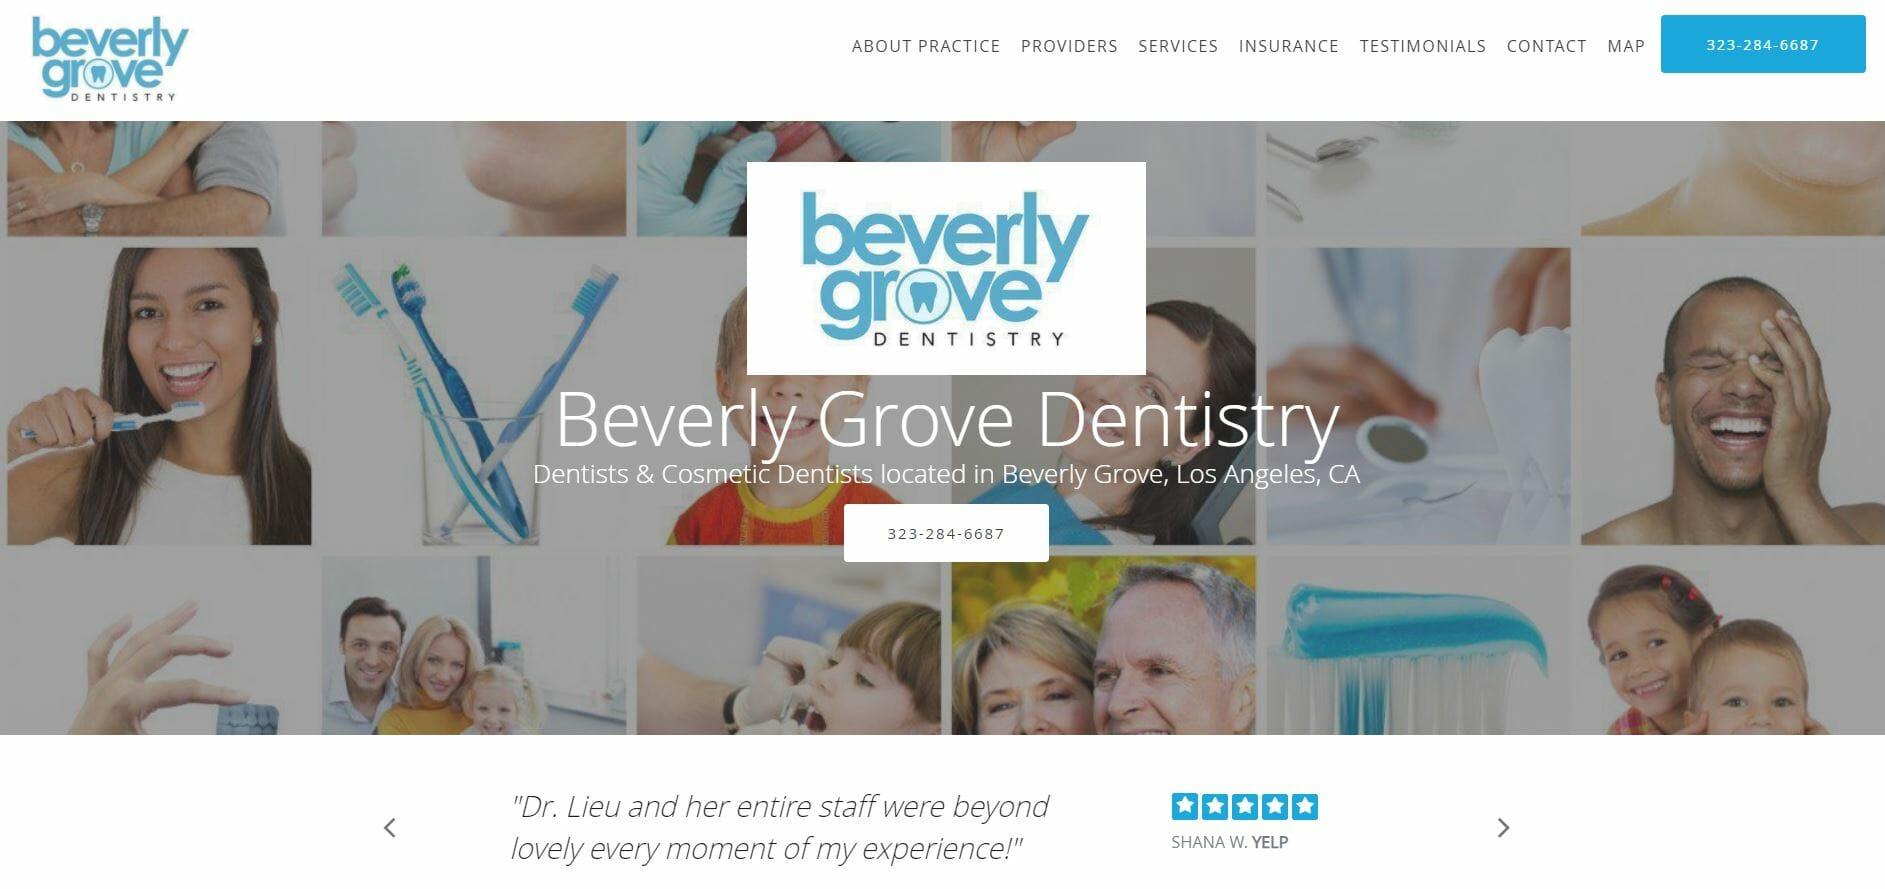 dental marketing plan website example 1